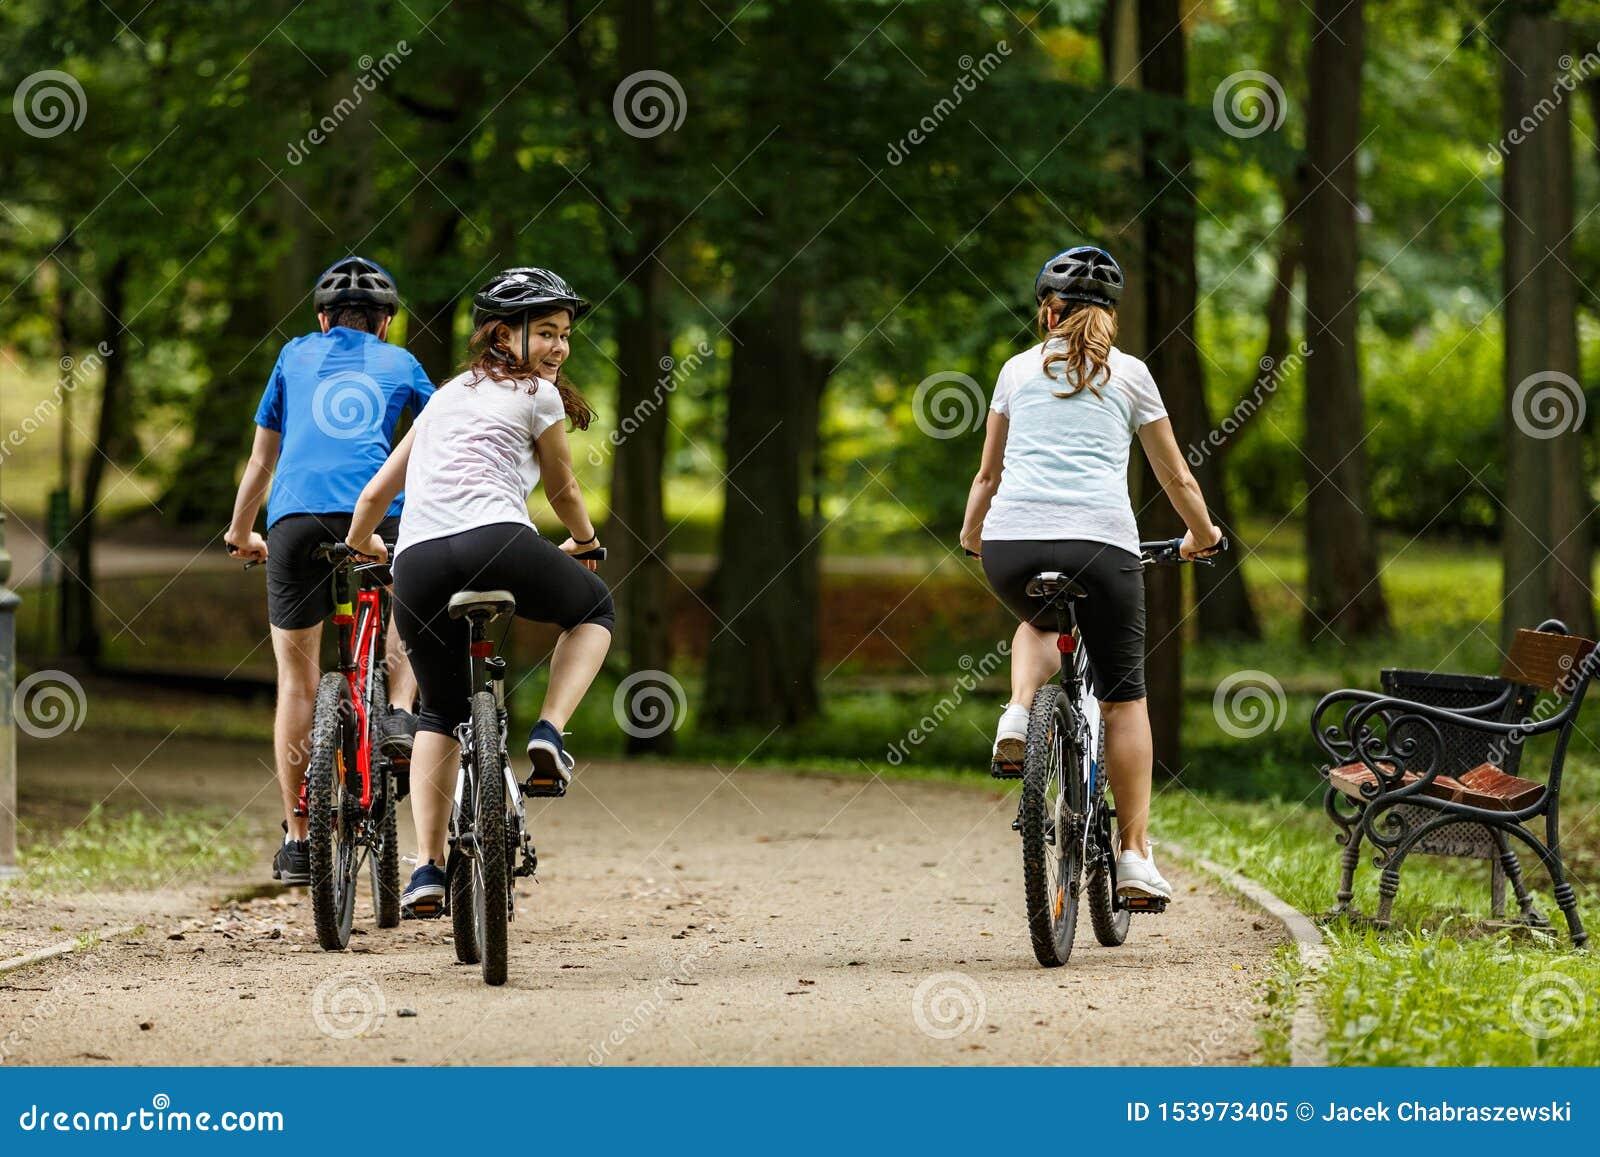 Sund livsstil - folket som rider cyklar i stad, parkerar